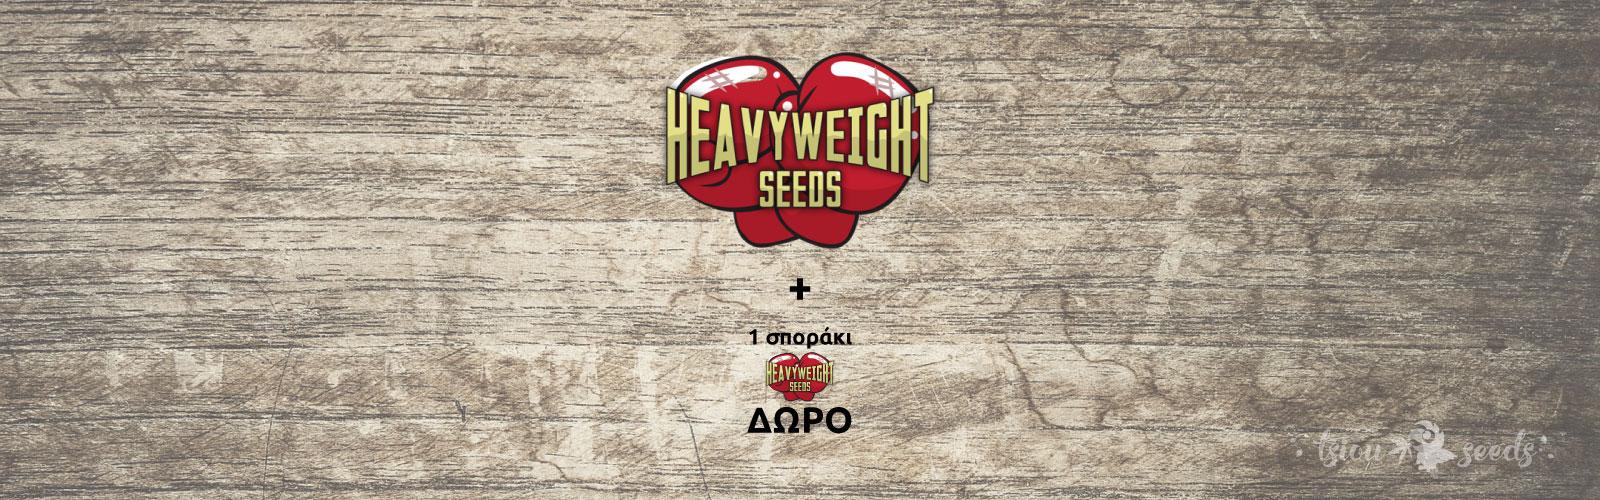 Heavyweight Seeds | Προσφορά +1 σποράκι δώρο